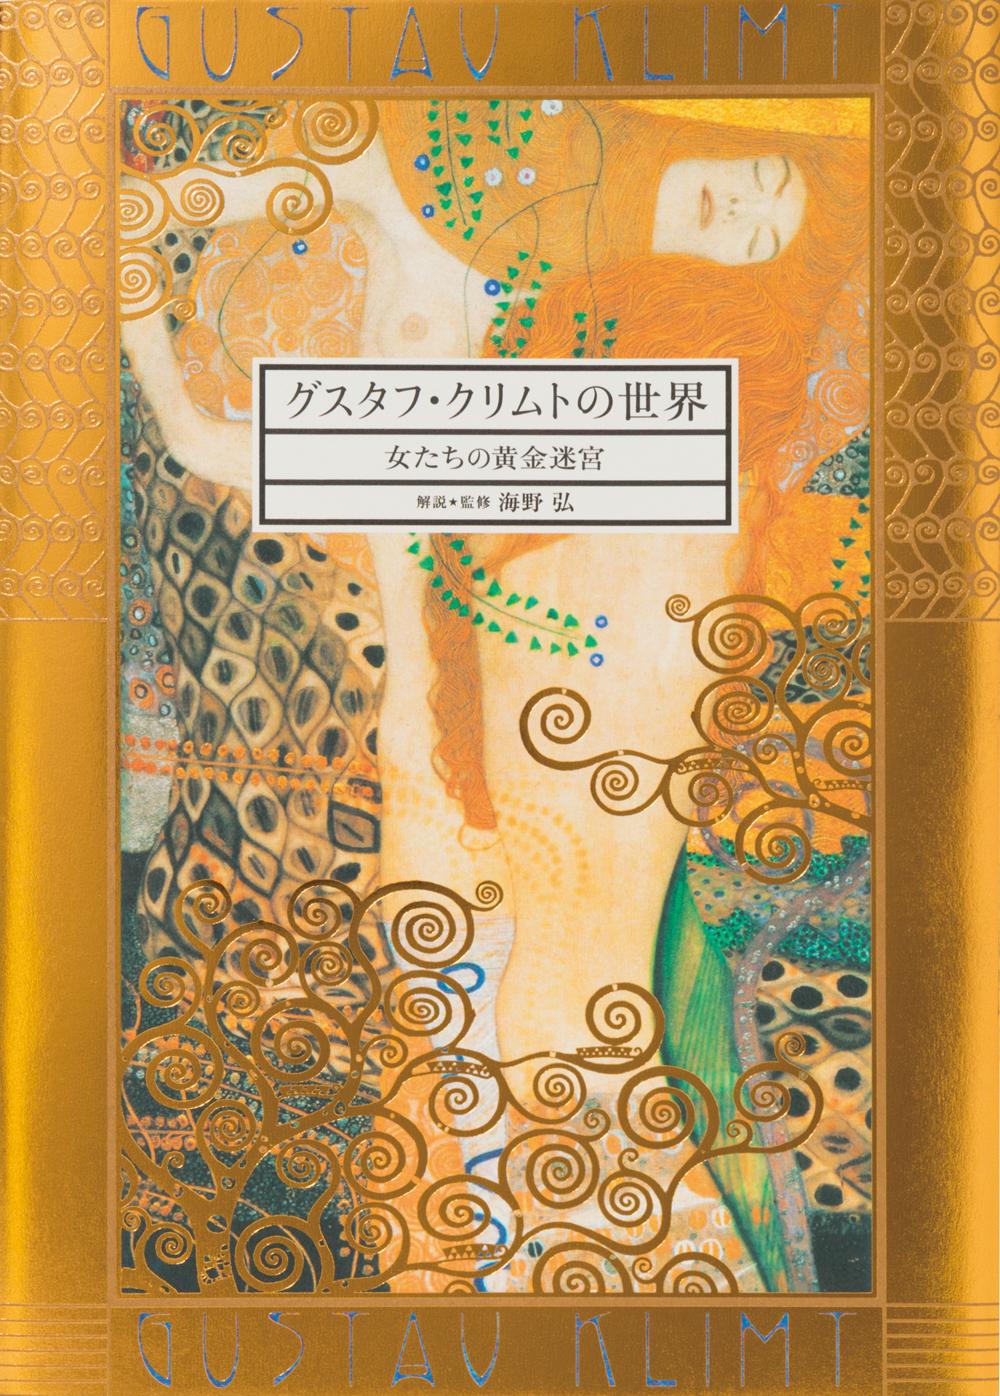 グスタフ・クリムトの世界<br>女たちの黄金迷宮